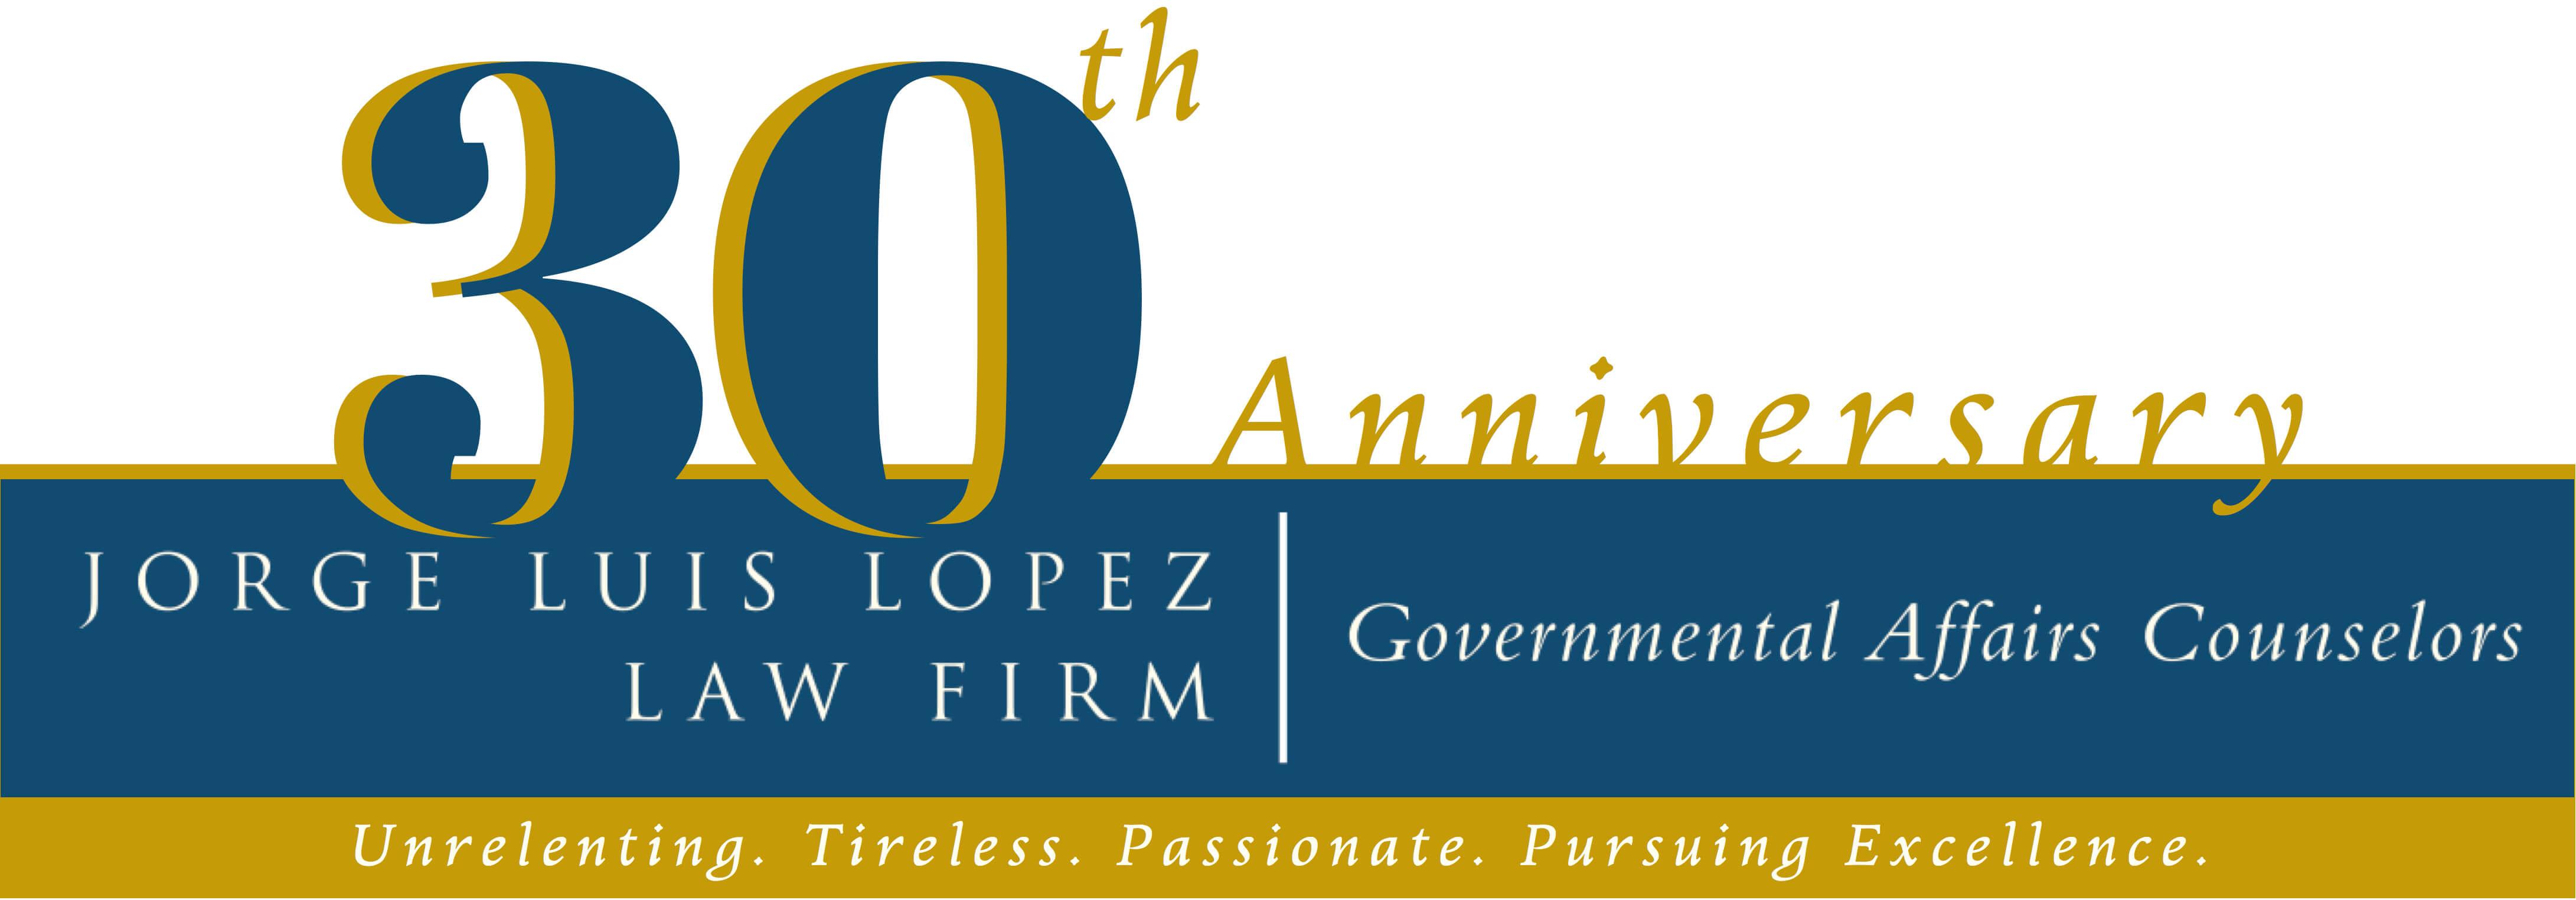 Jorge Luis Lopez Law Firm